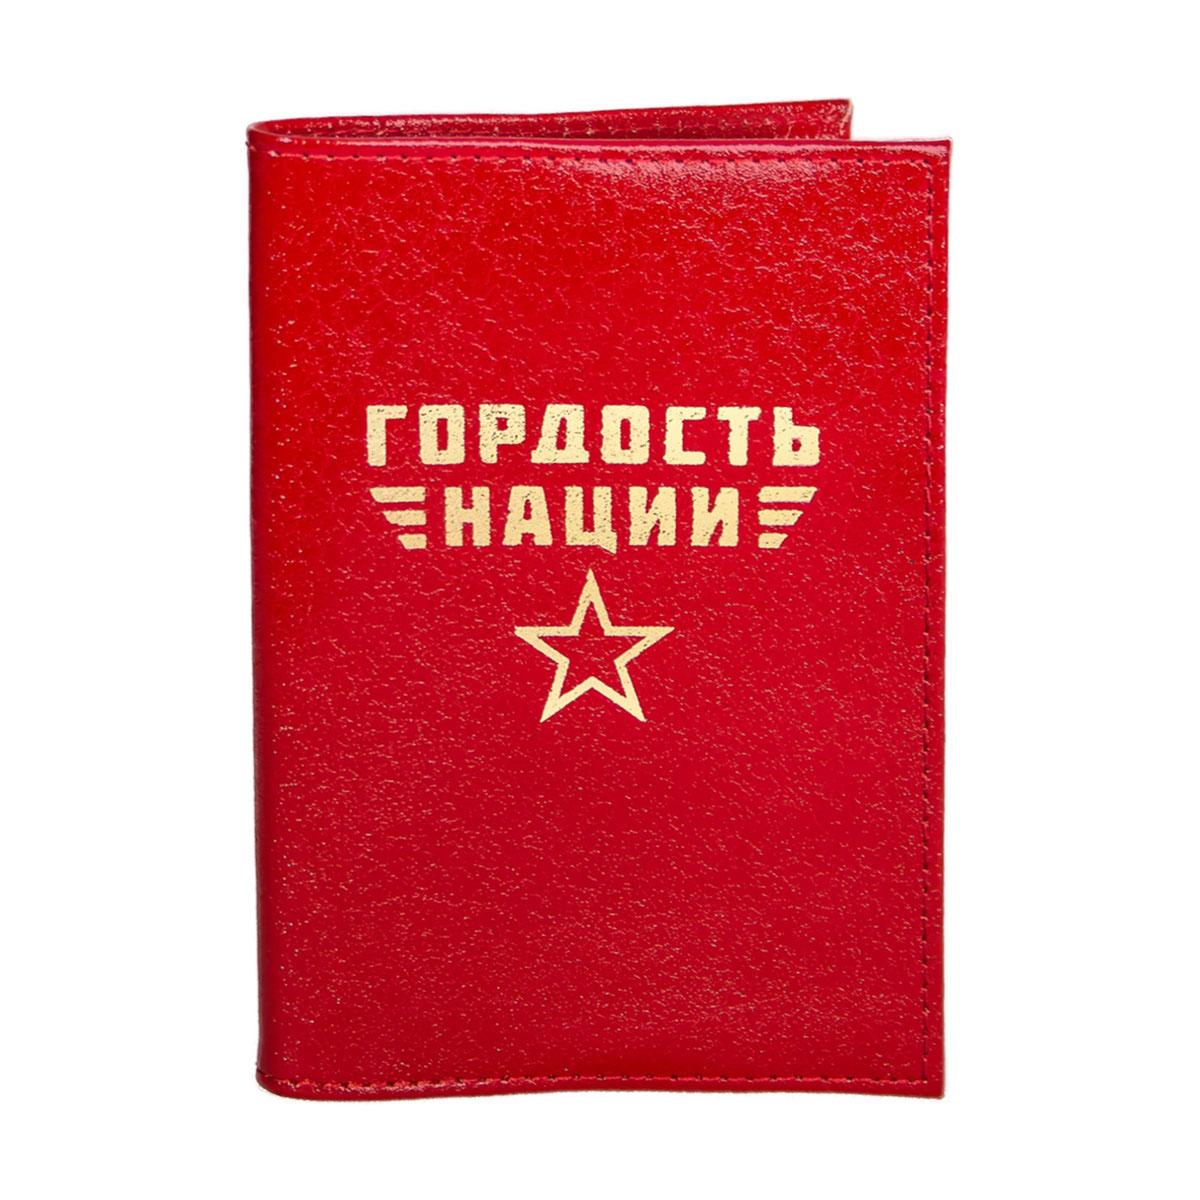 Обложка для паспорта ОРЗ-дизайн Косметичка Матрешки, цвет: красный, золотой. Орз-0301Орз-0301Обложка на паспорт кожаная с тиснением